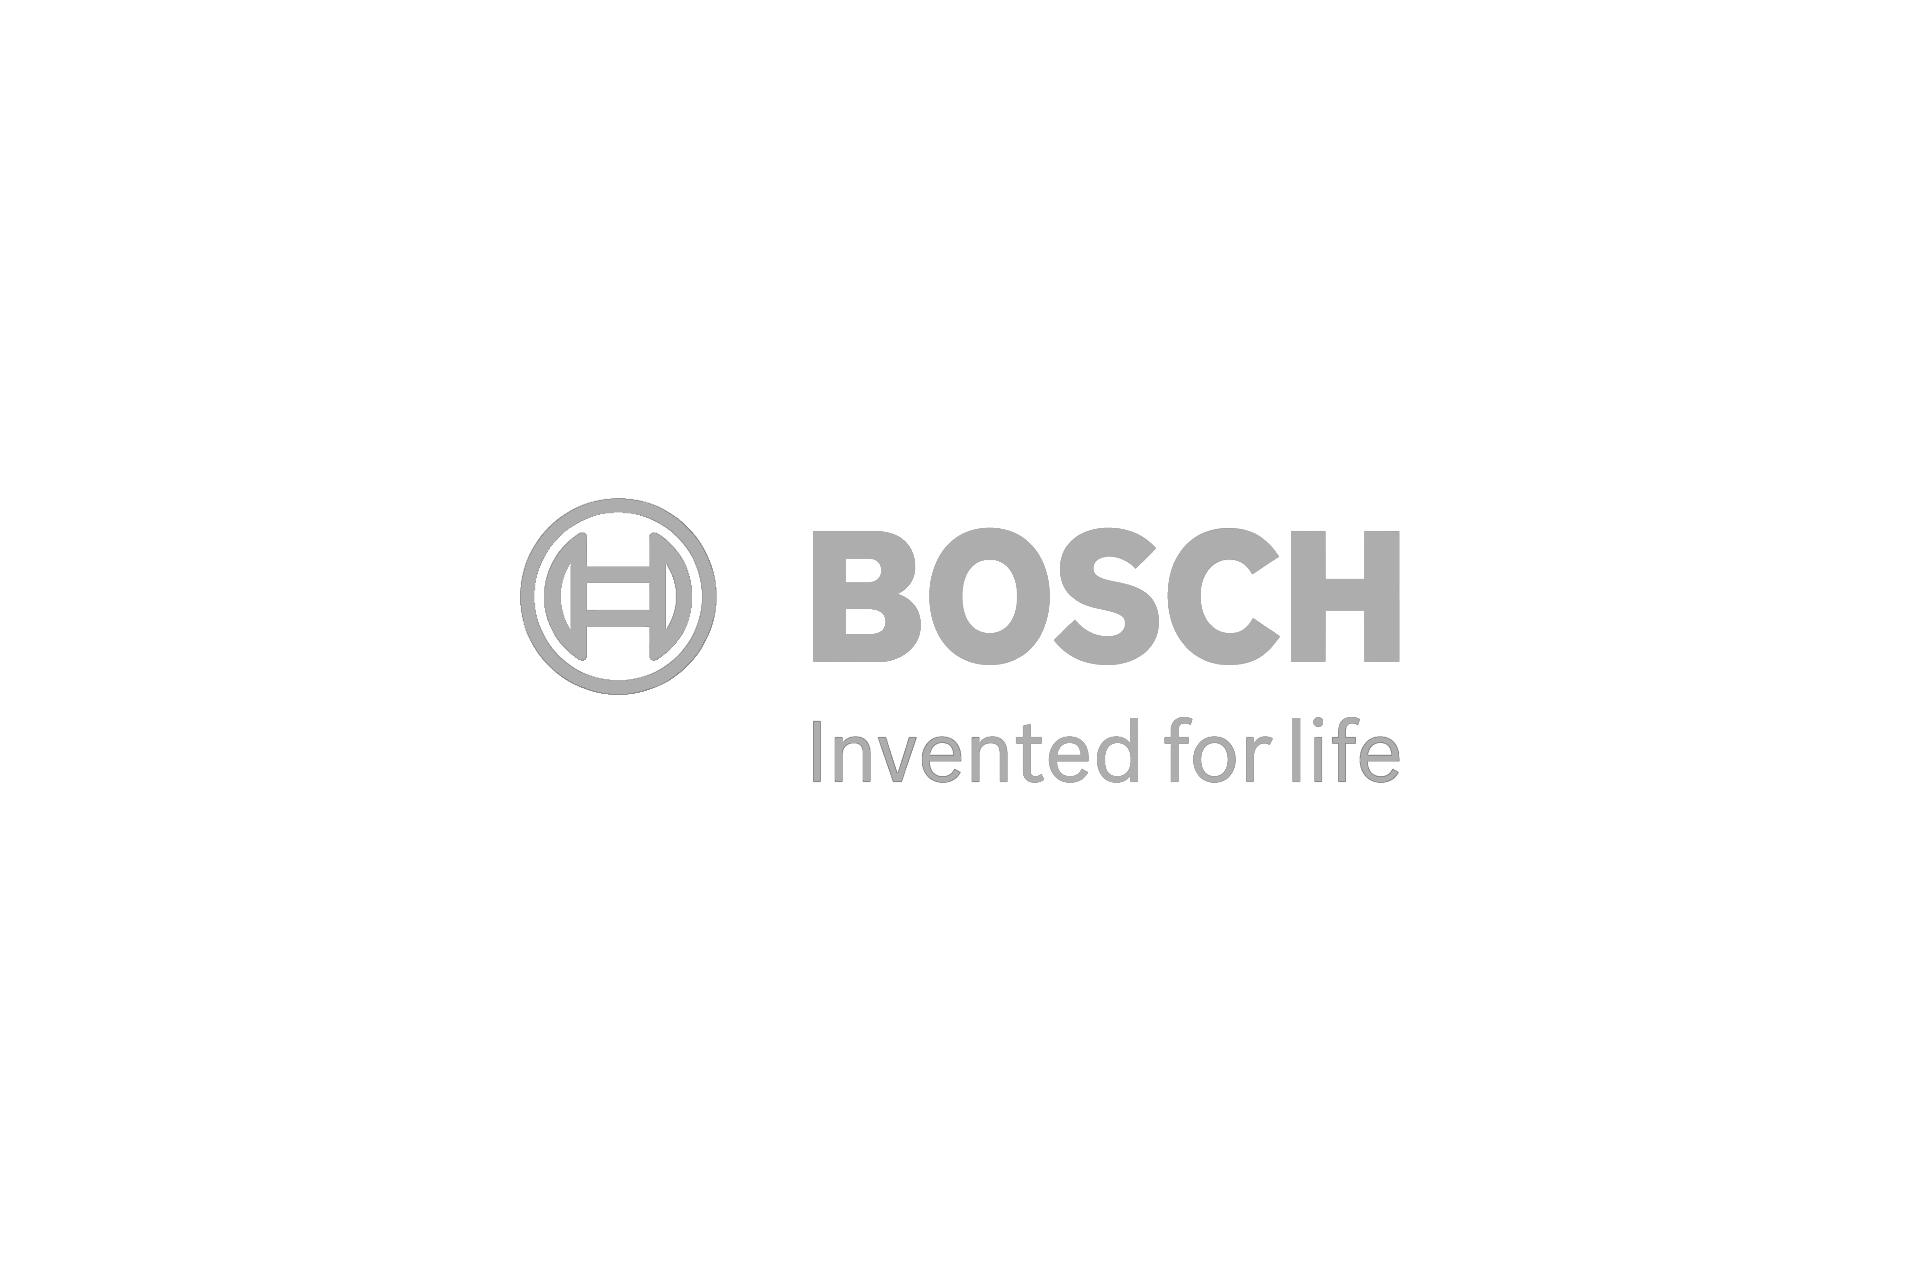 bosch logo grey